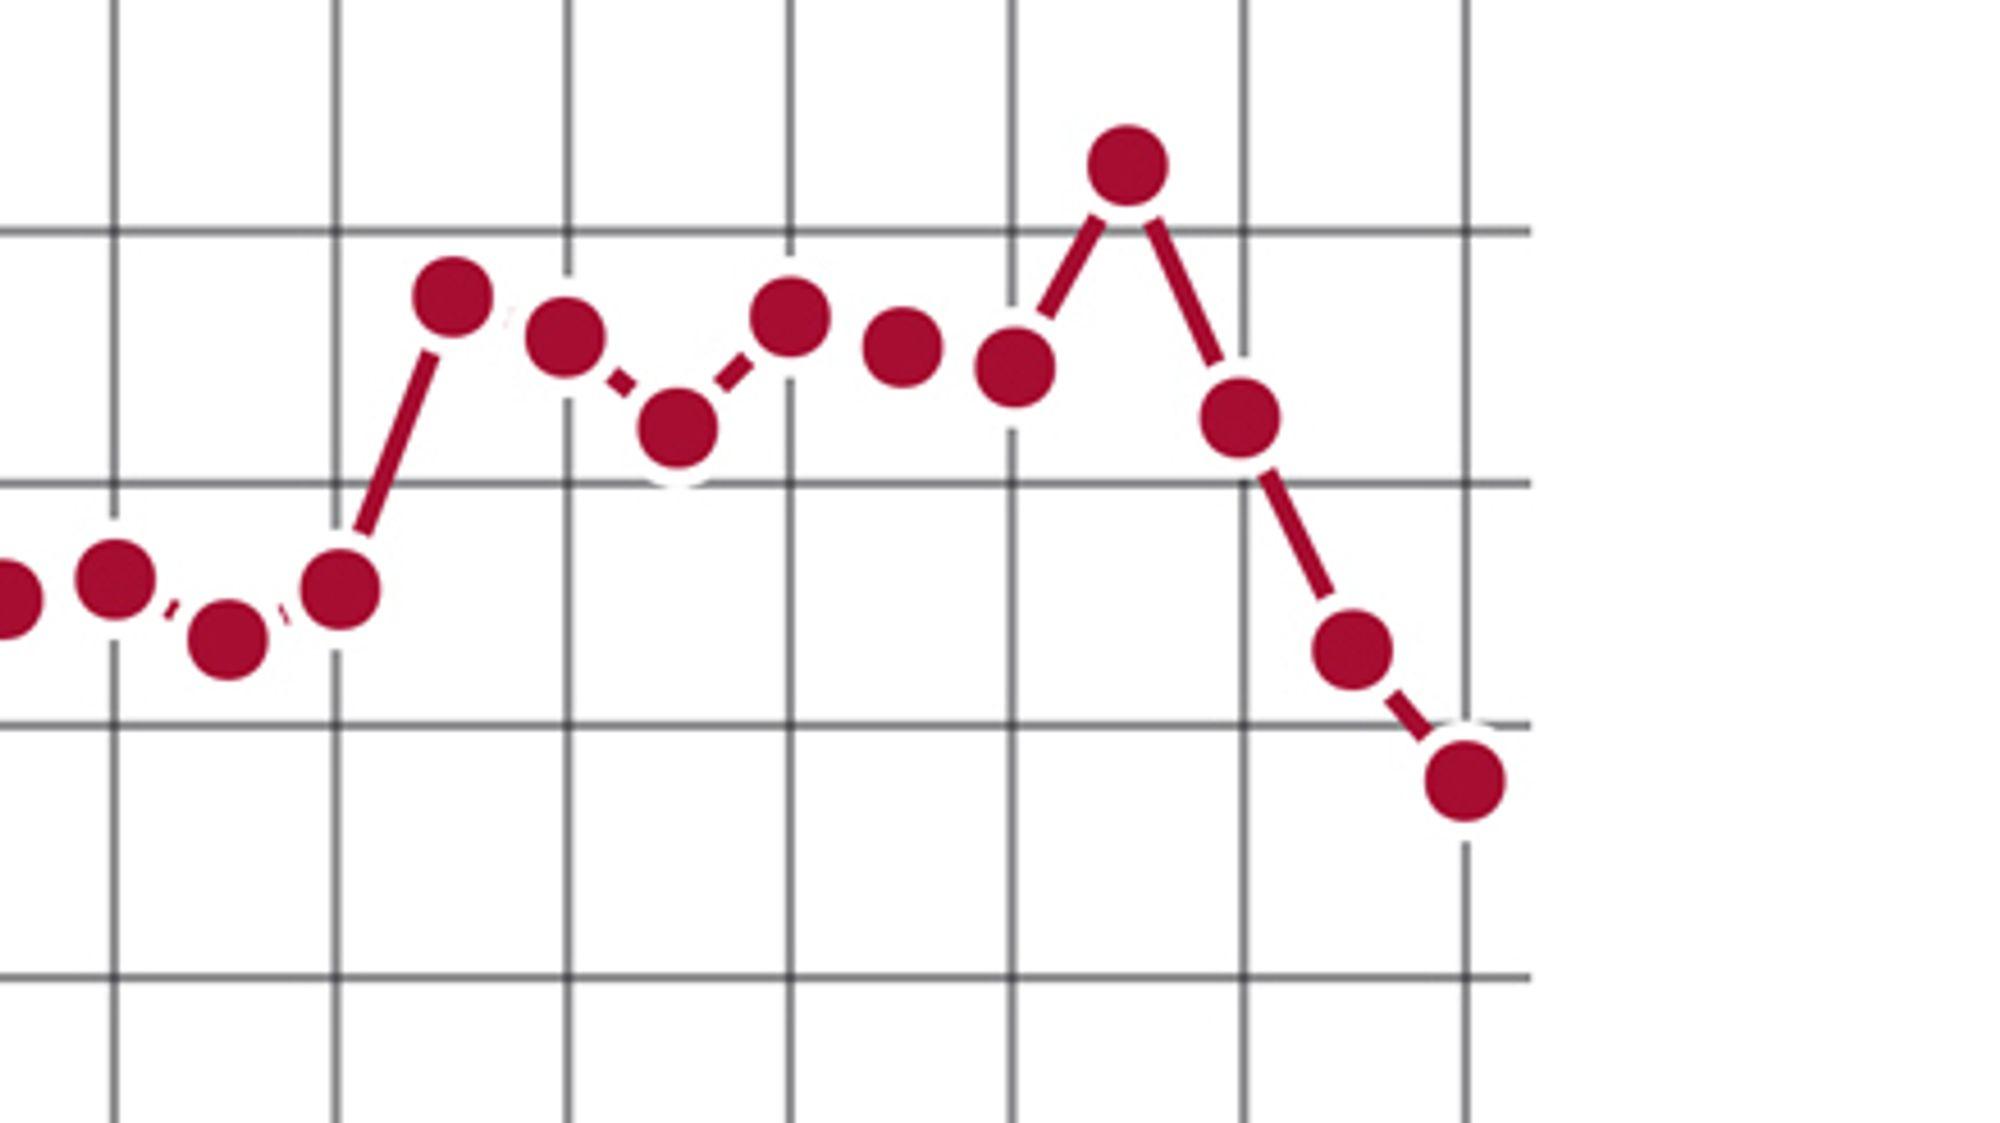 Nå er det færre arbeidsledige ingeniører enn det var for ett år siden. Det har vært en jevn nedgang siden januar i år.